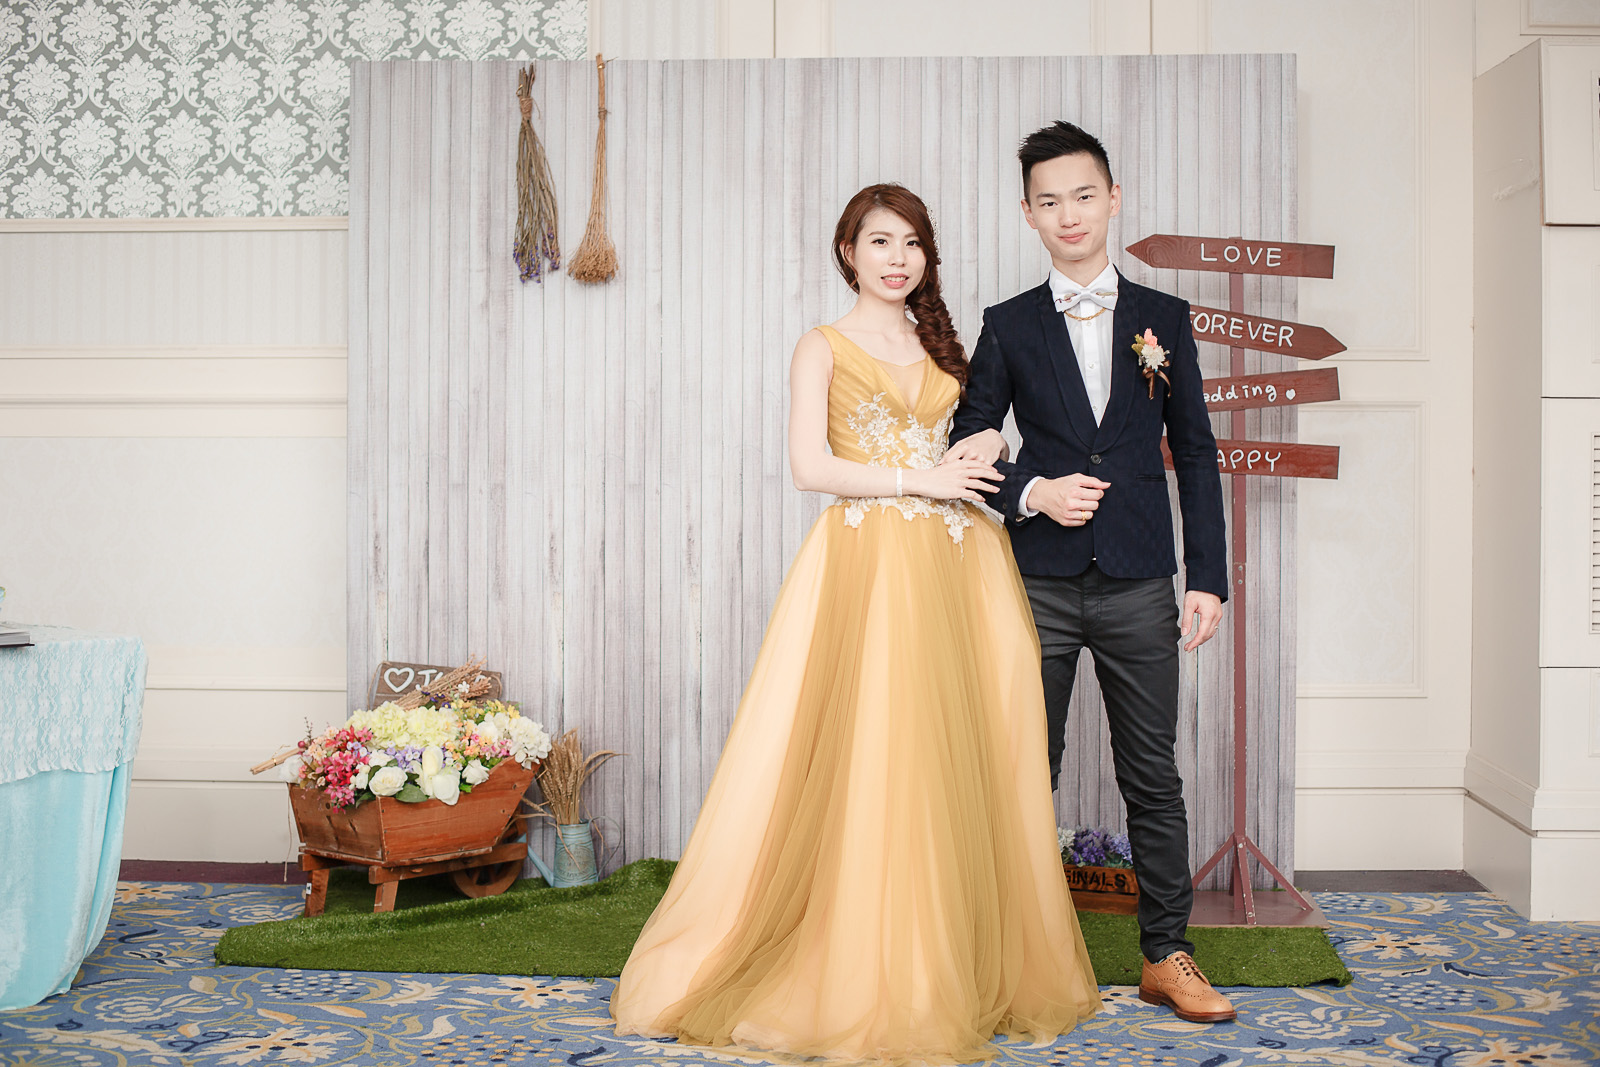 高雄圓山飯店,婚禮攝影,婚攝,高雄婚攝,優質婚攝推薦,Jen&Ethan-325